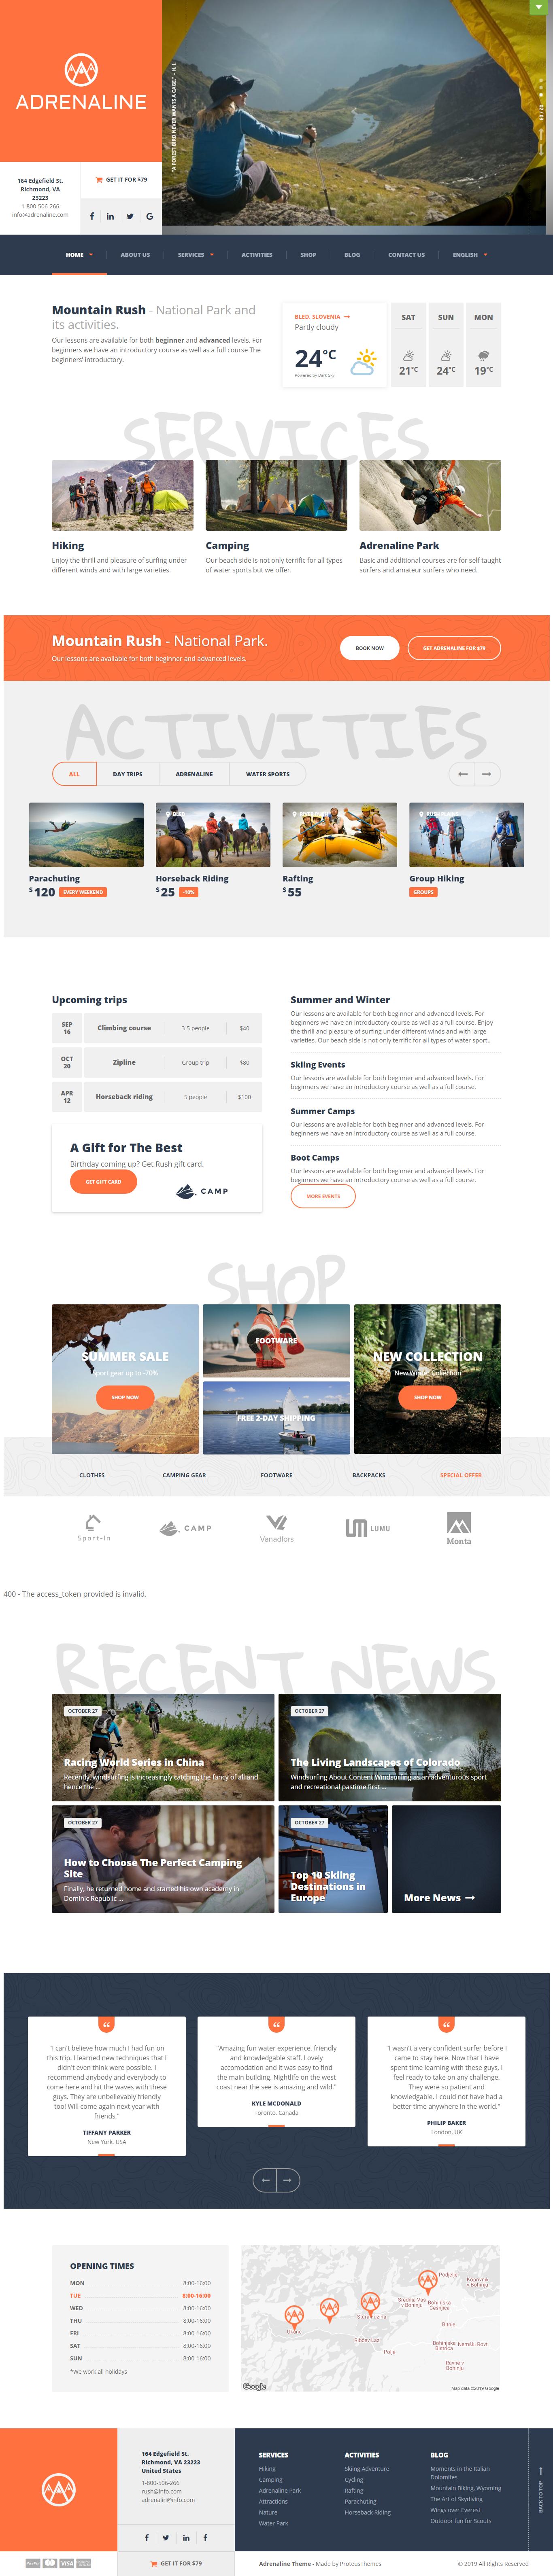 Adrenaline - Best Premium Outdoor Activities WordPress Theme